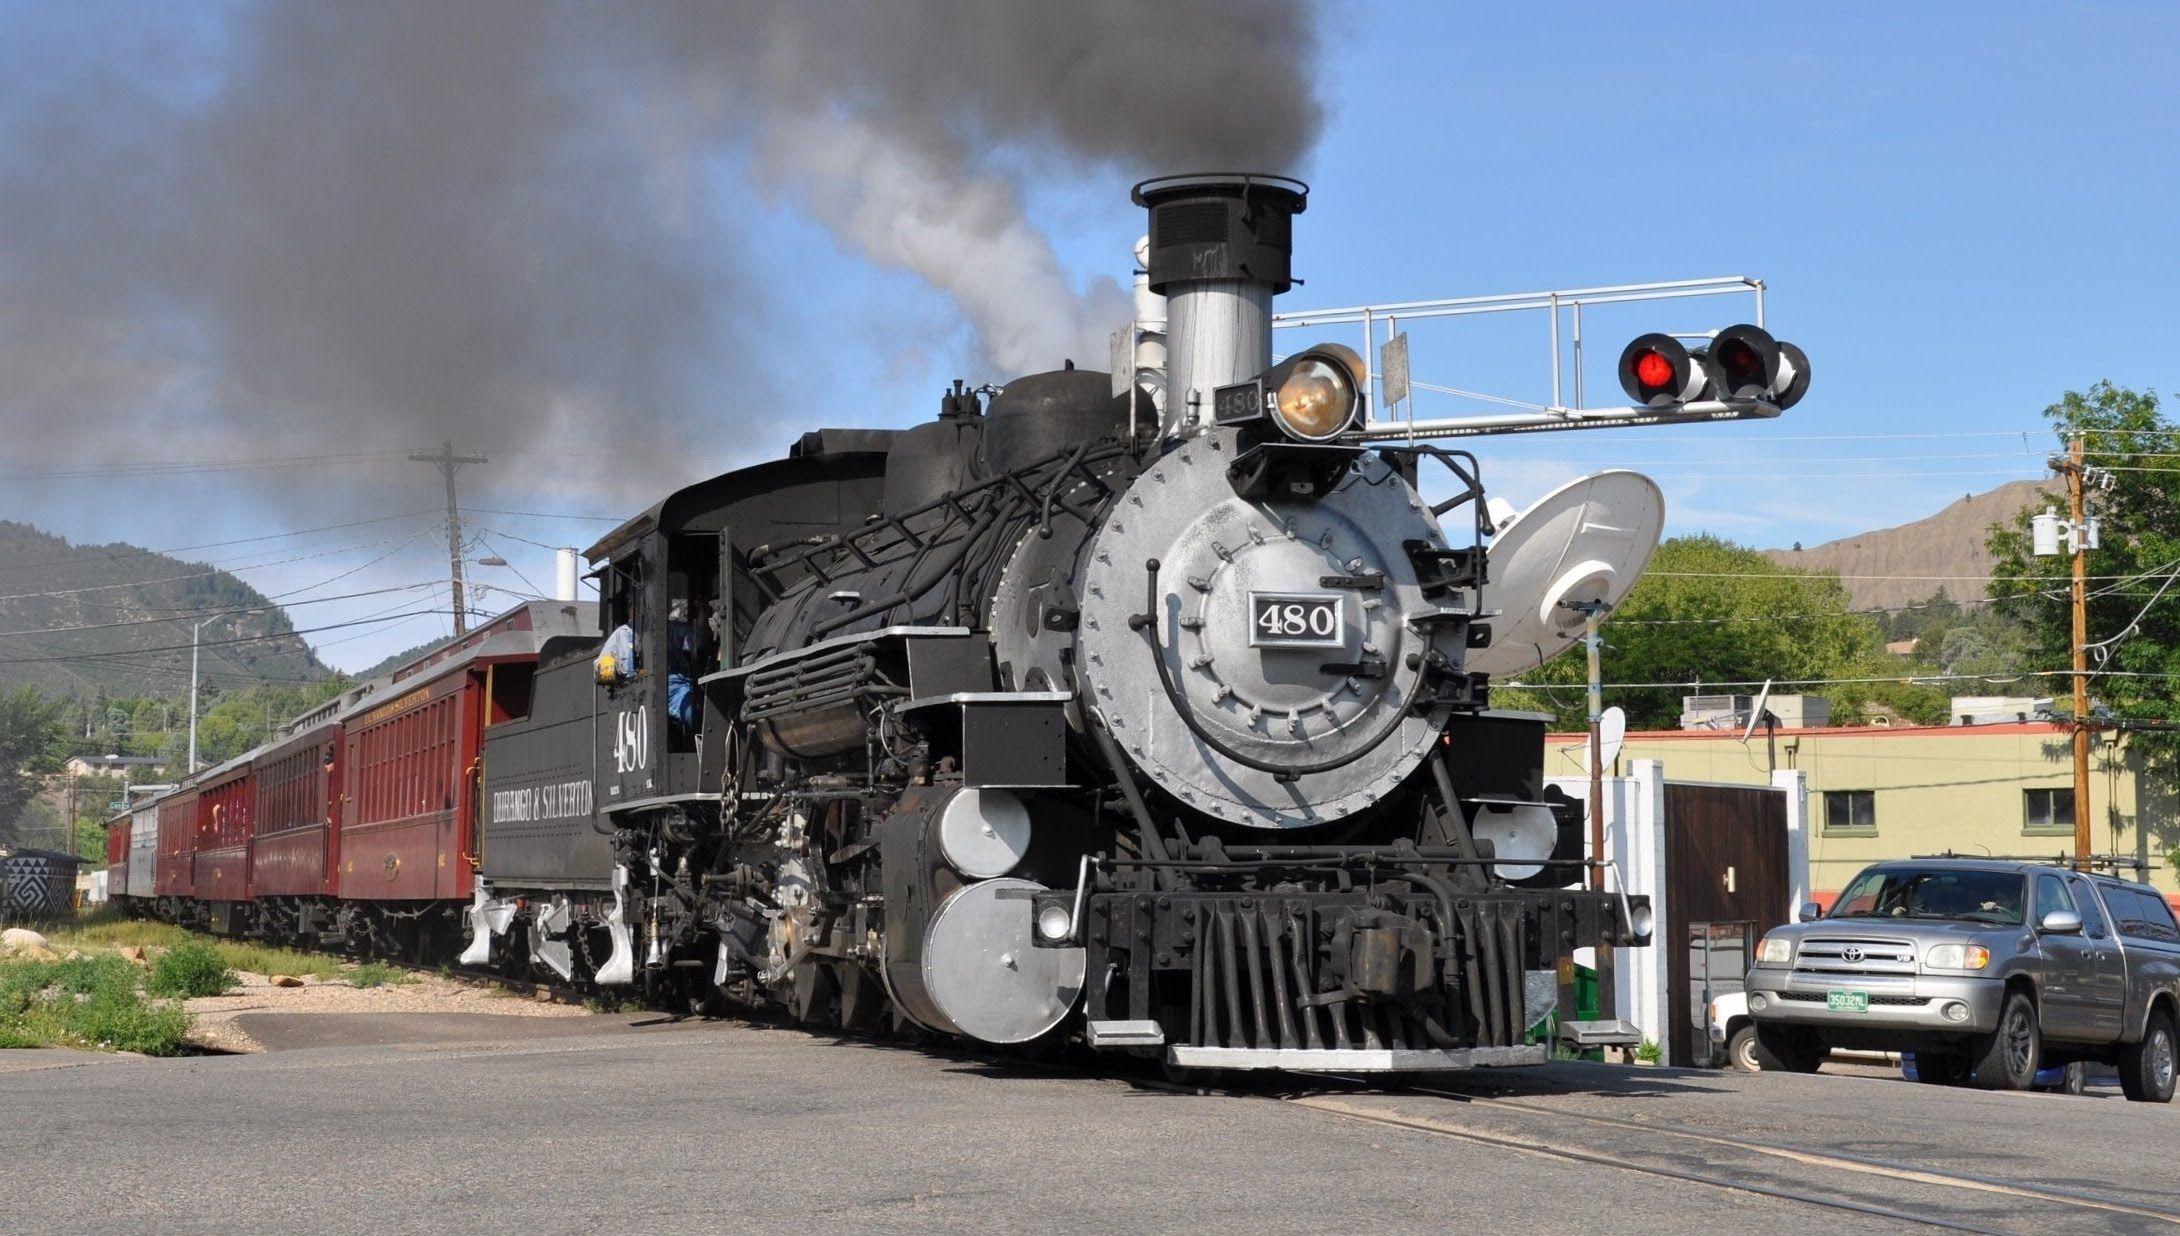 Aboard Steam Trains